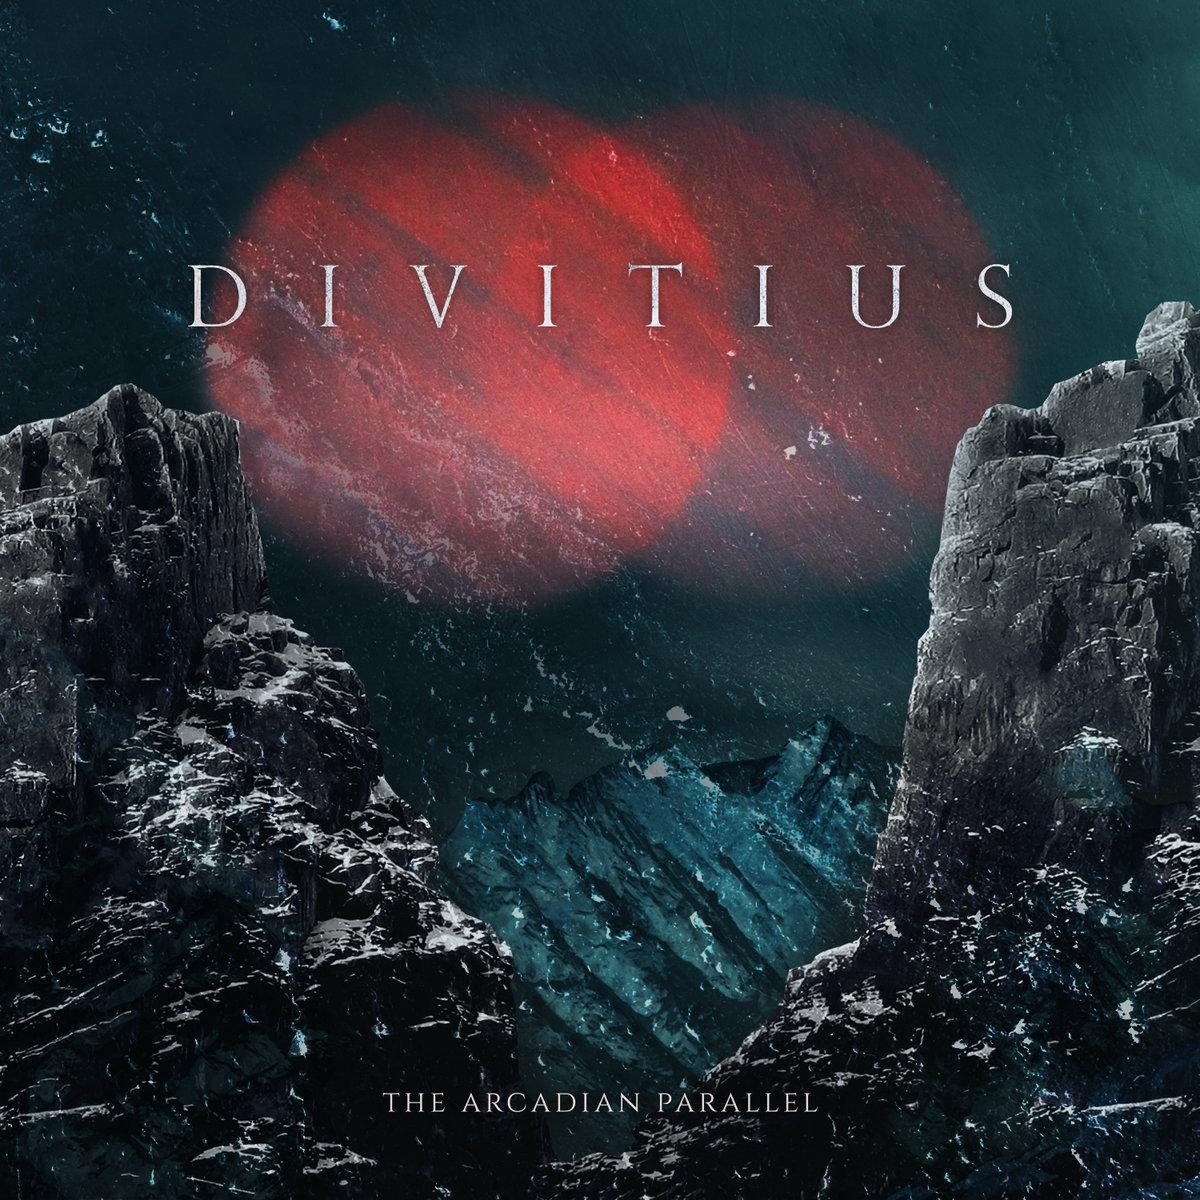 Divitius -  The Arcadian Parallel (2017)